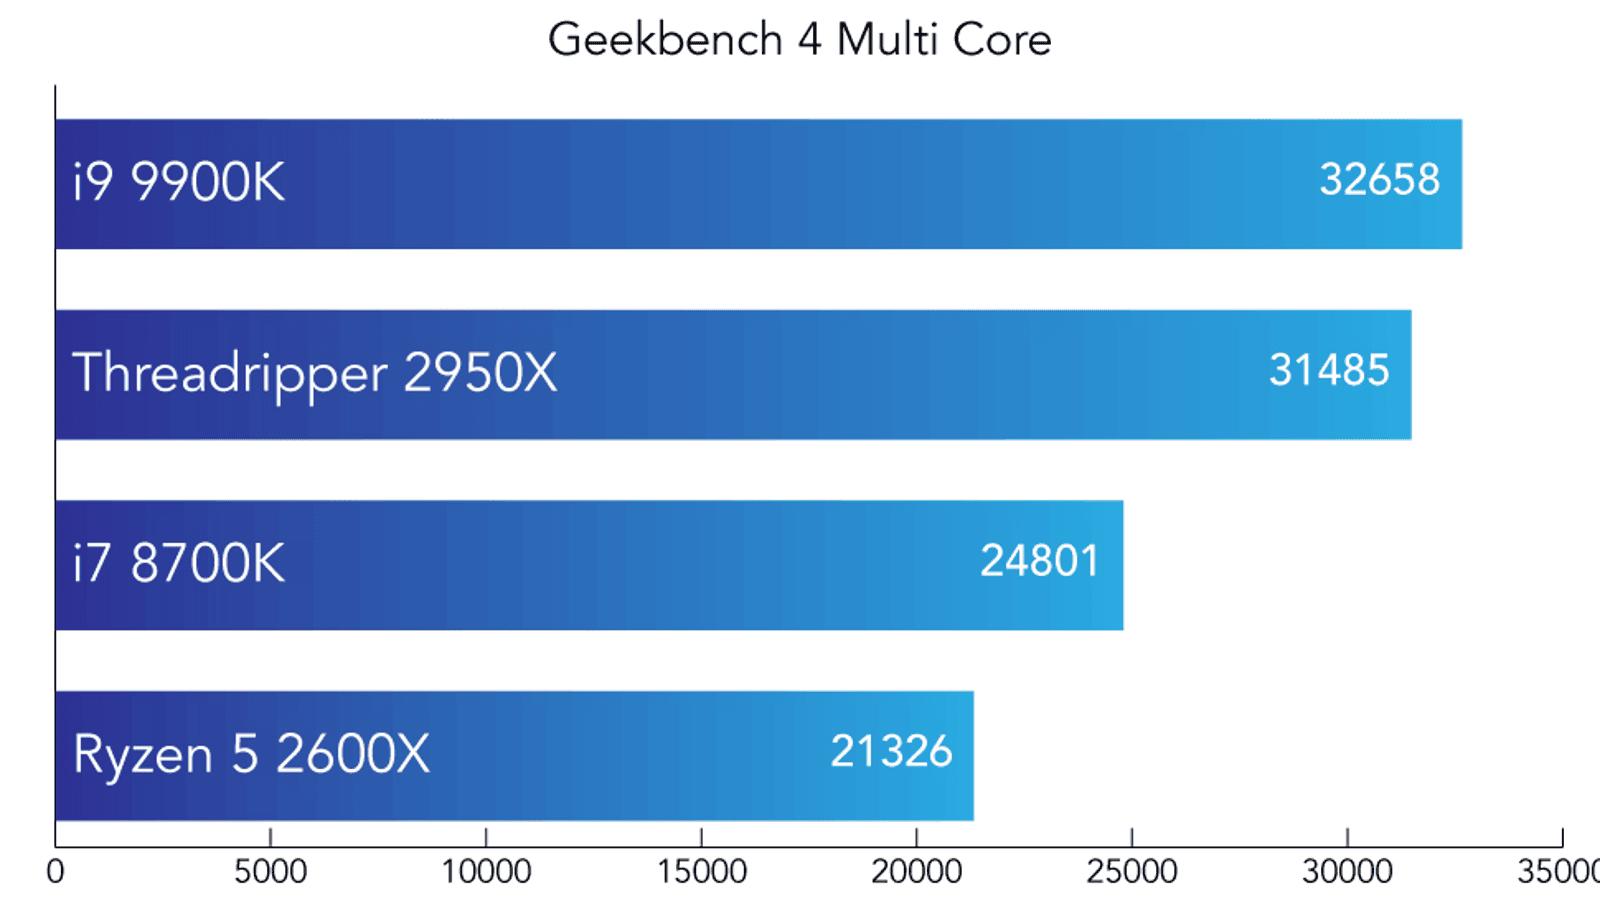 Multi core score in Geekbench 4. Higher is better.